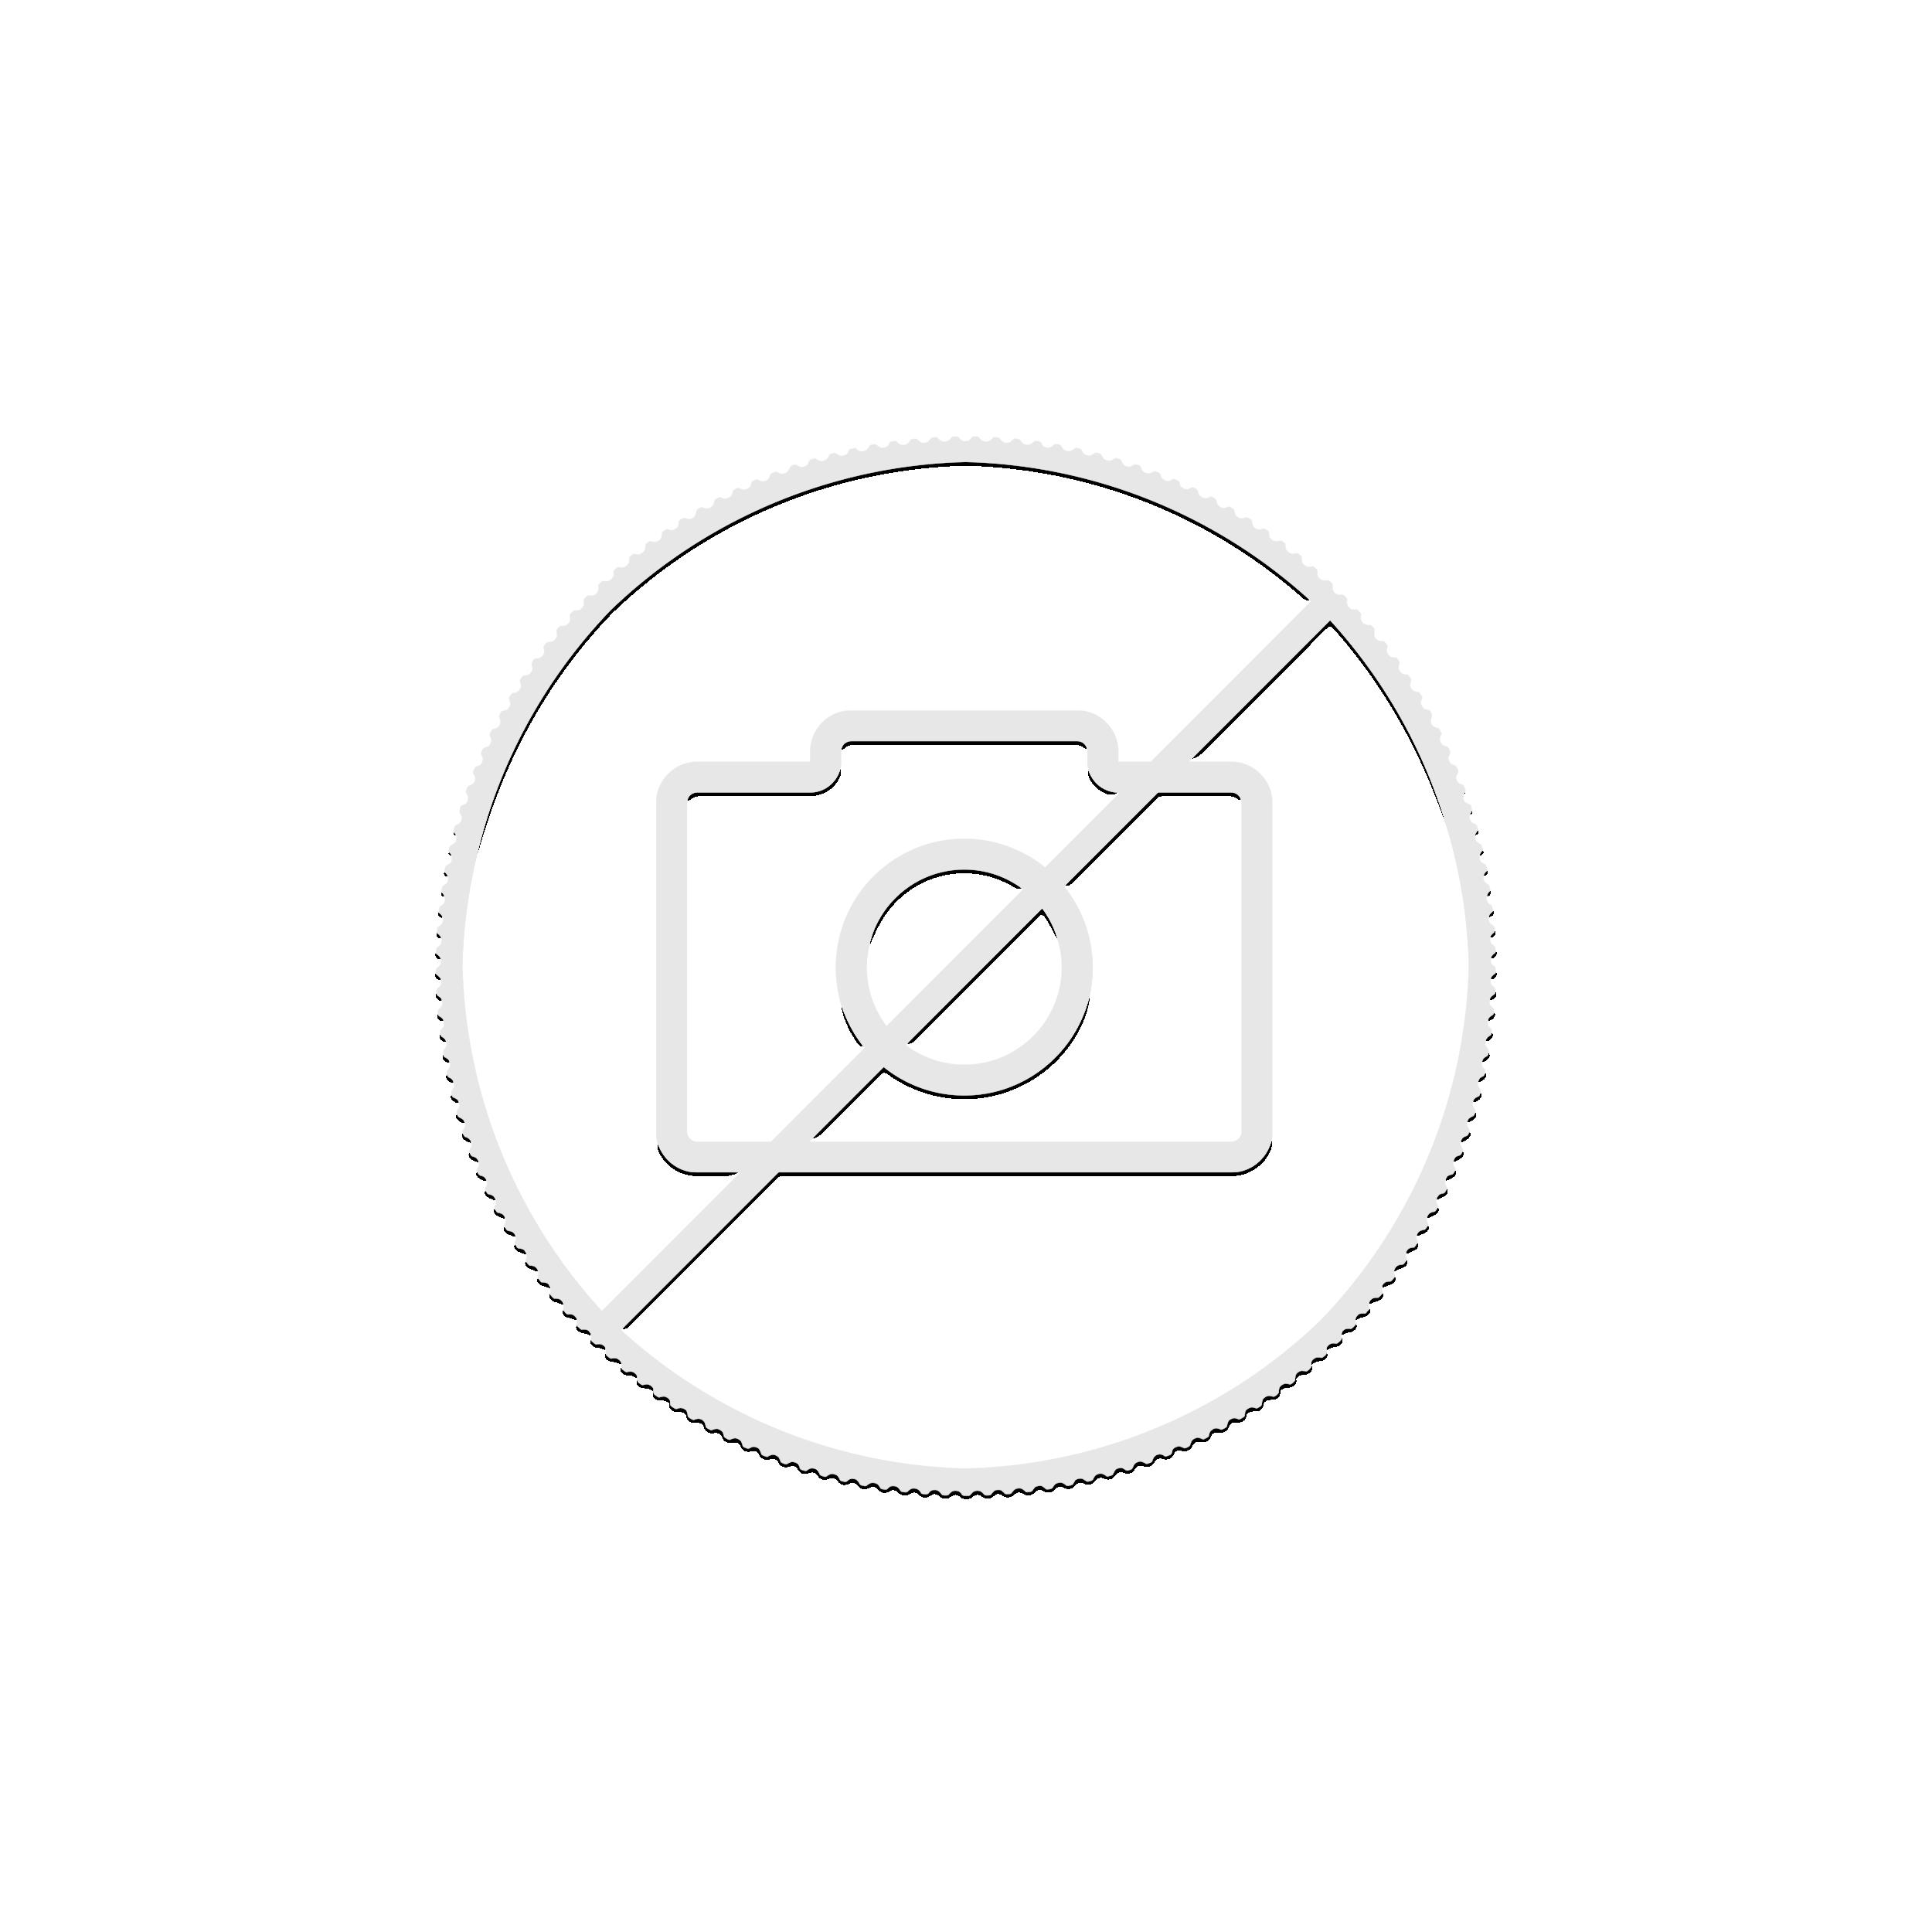 50 Gram gouden munt Panda 2021 Proof